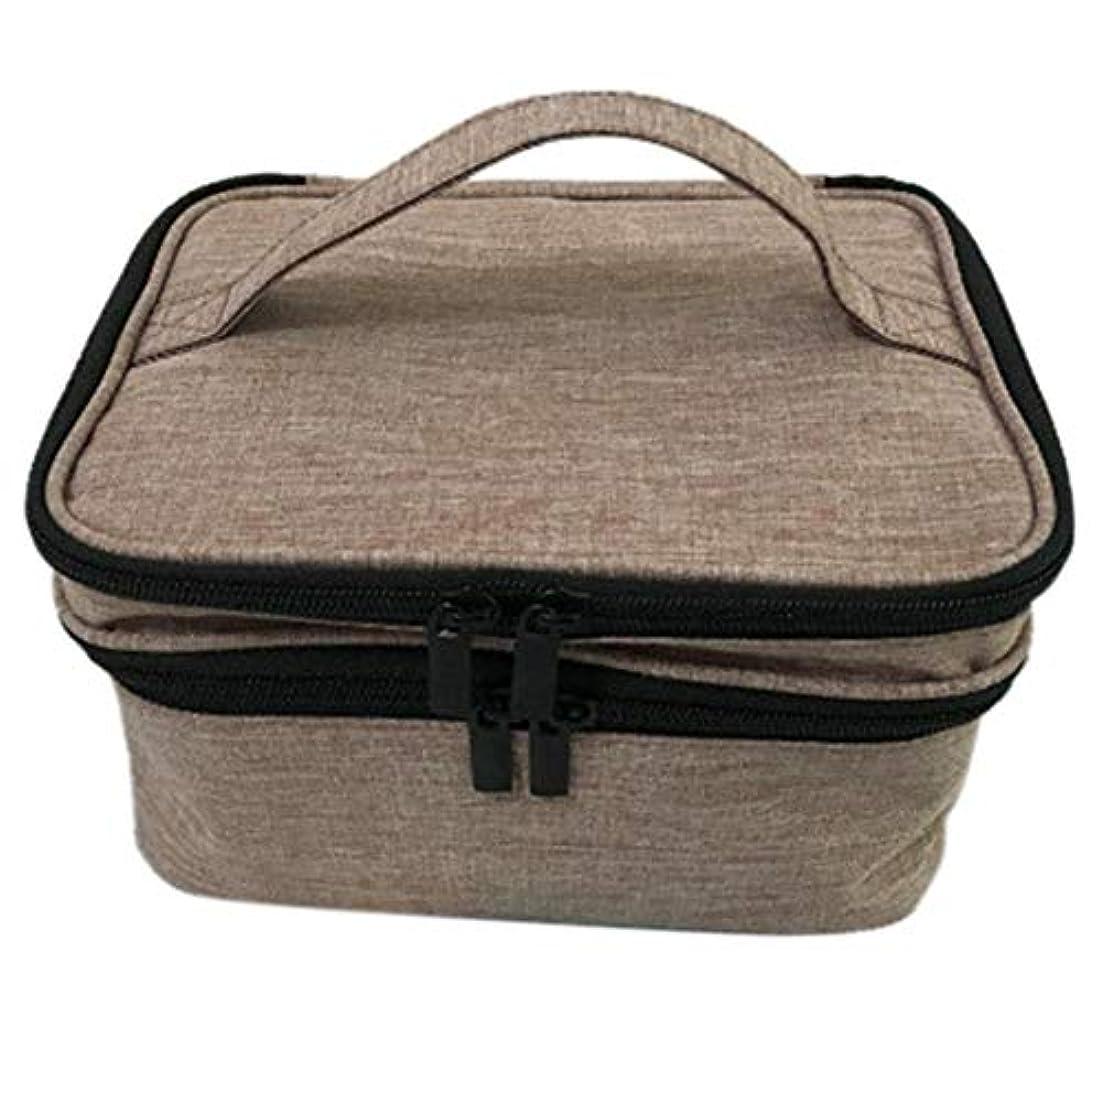 爬虫類イル車収納バッグ 30格 仕切り エッセンシャルオイル 精油 保管袋 収納ボックス 収納ケース 精油ケース 香水収納バッグ 不織布 携帯便利 耐震 30本用 (5ml~30ml)